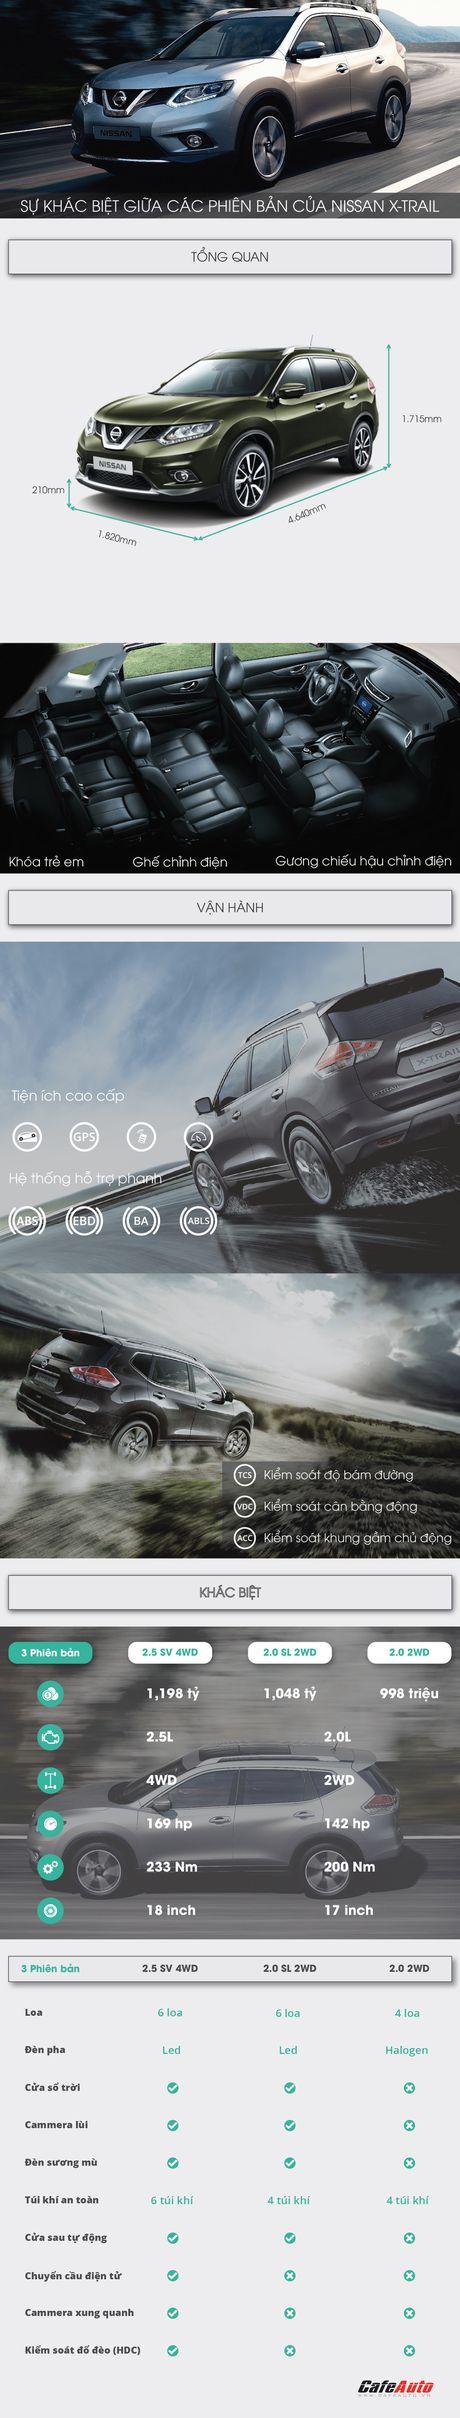 Infographic: Su khac biet giua cac phien ban cua Nissan X-Trail - Anh 1